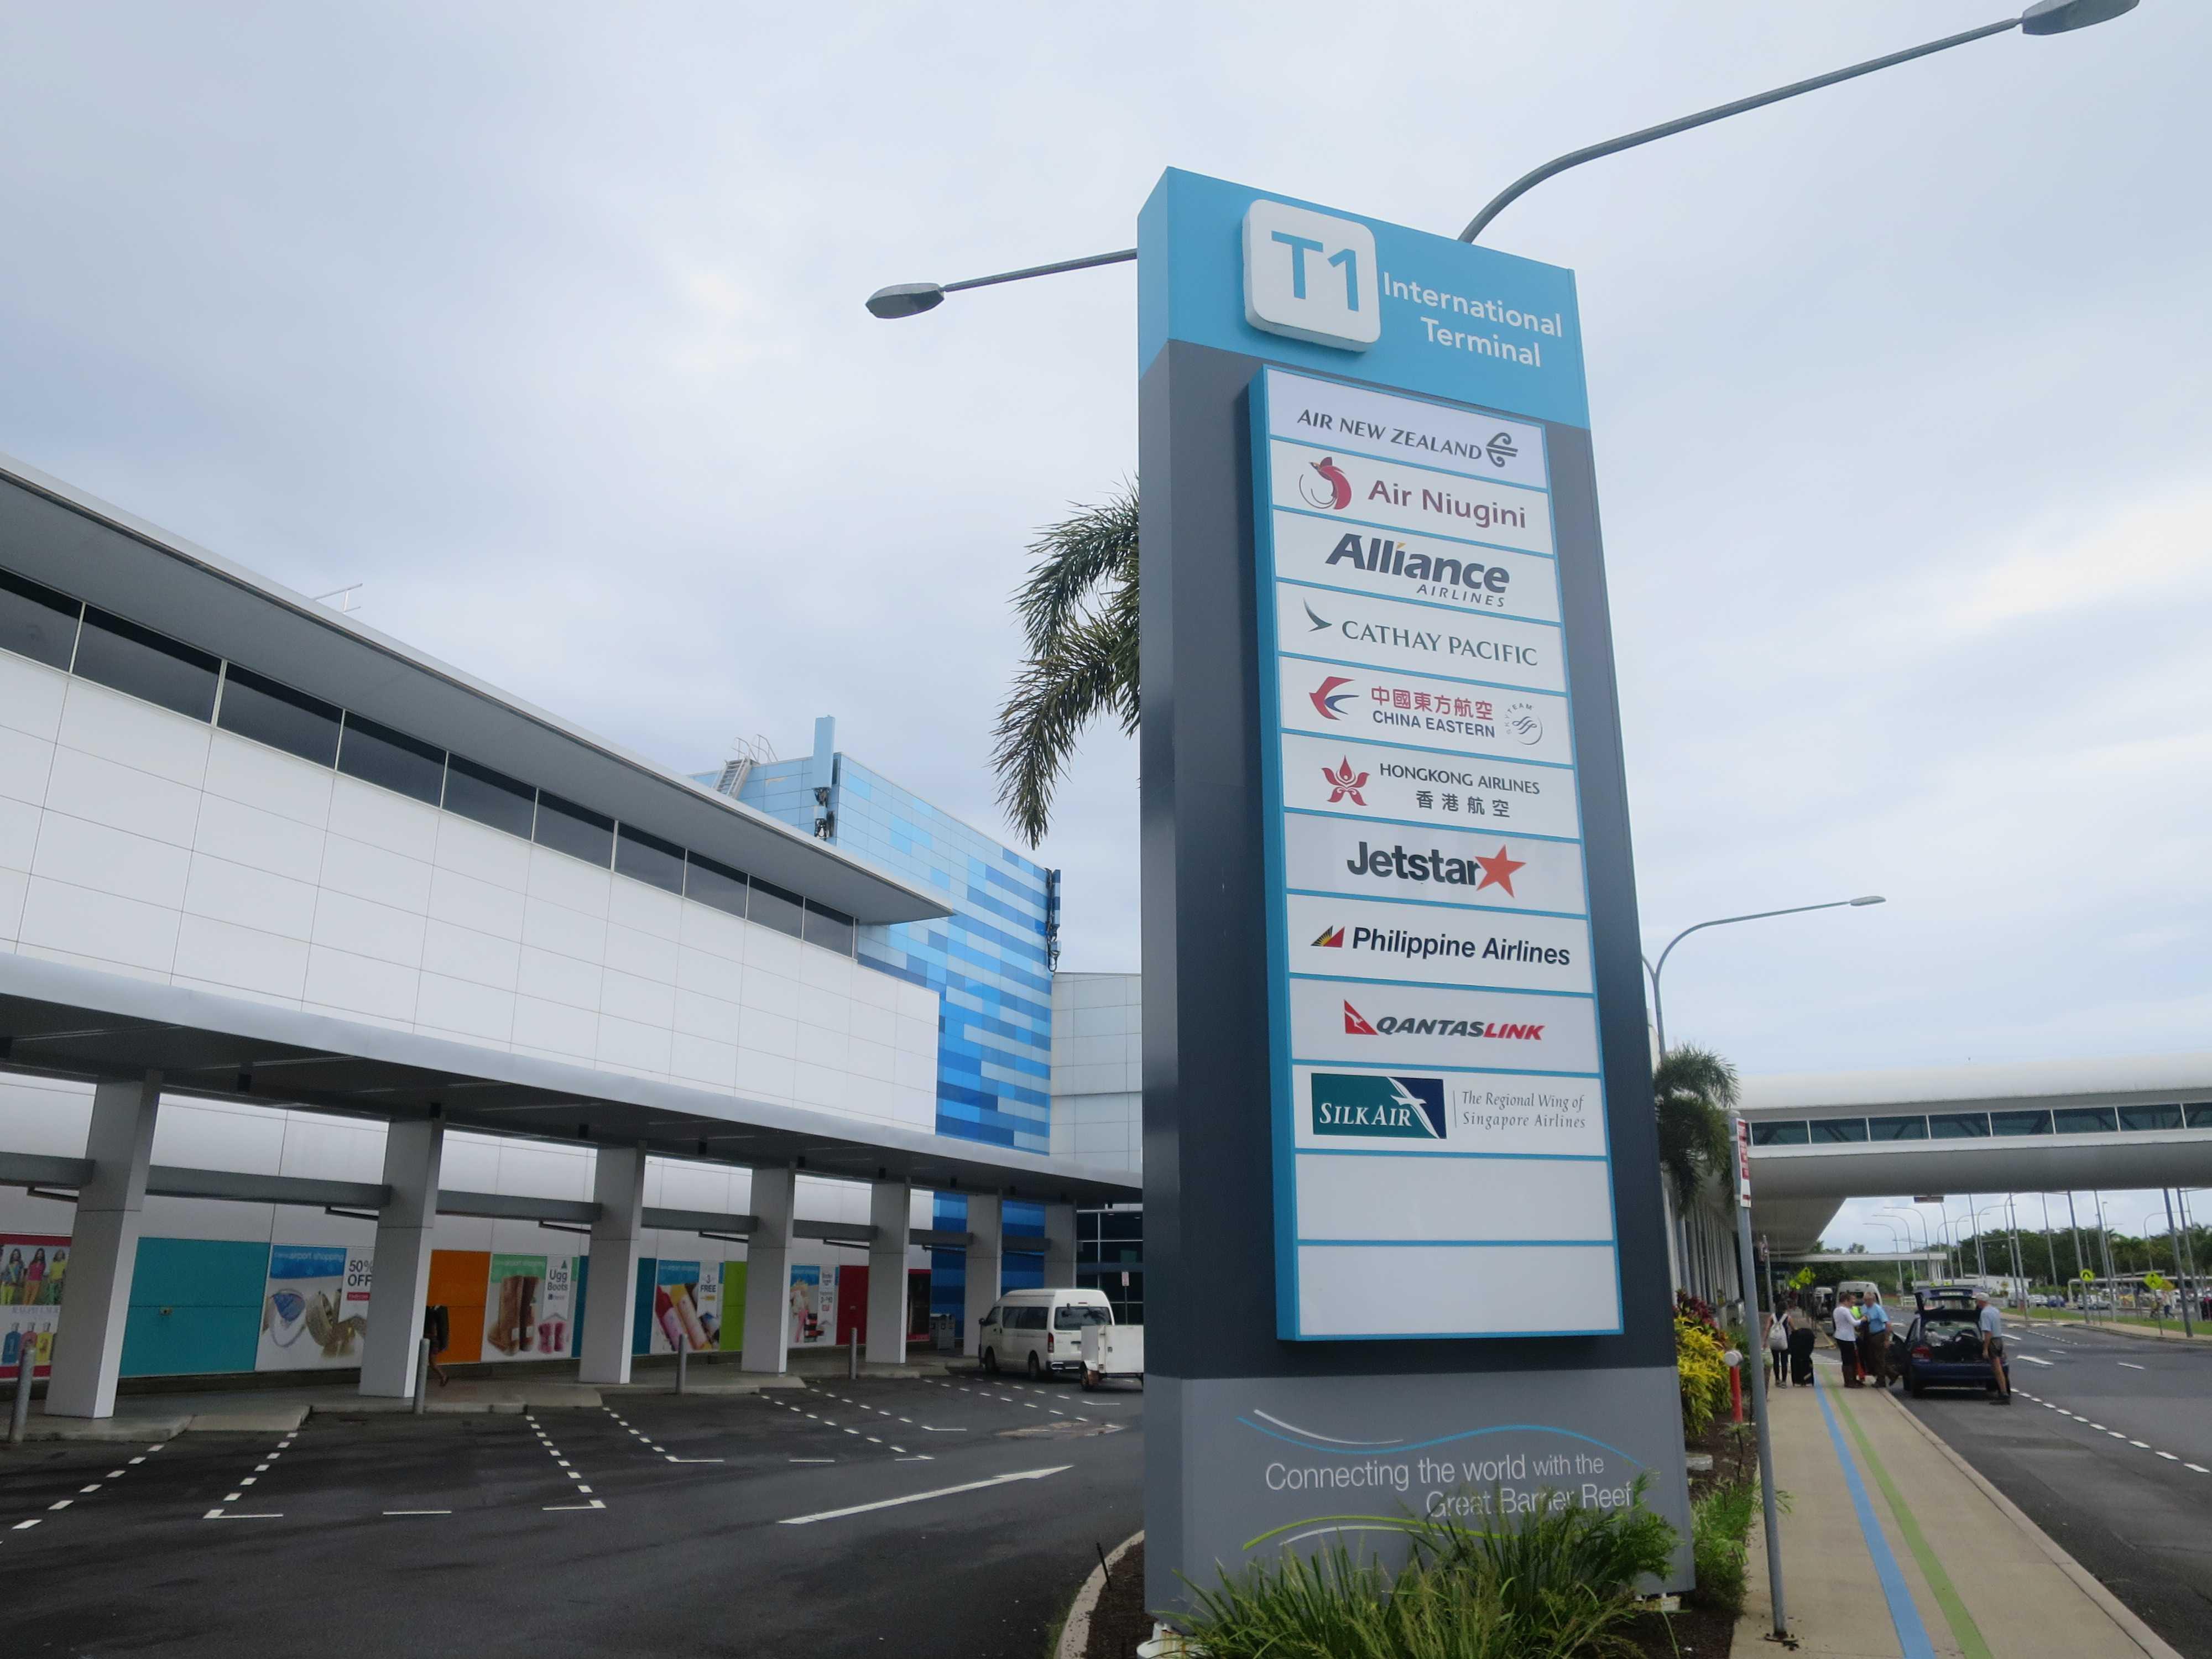 ケアンズ国際空港(インターナショナルターミナル)